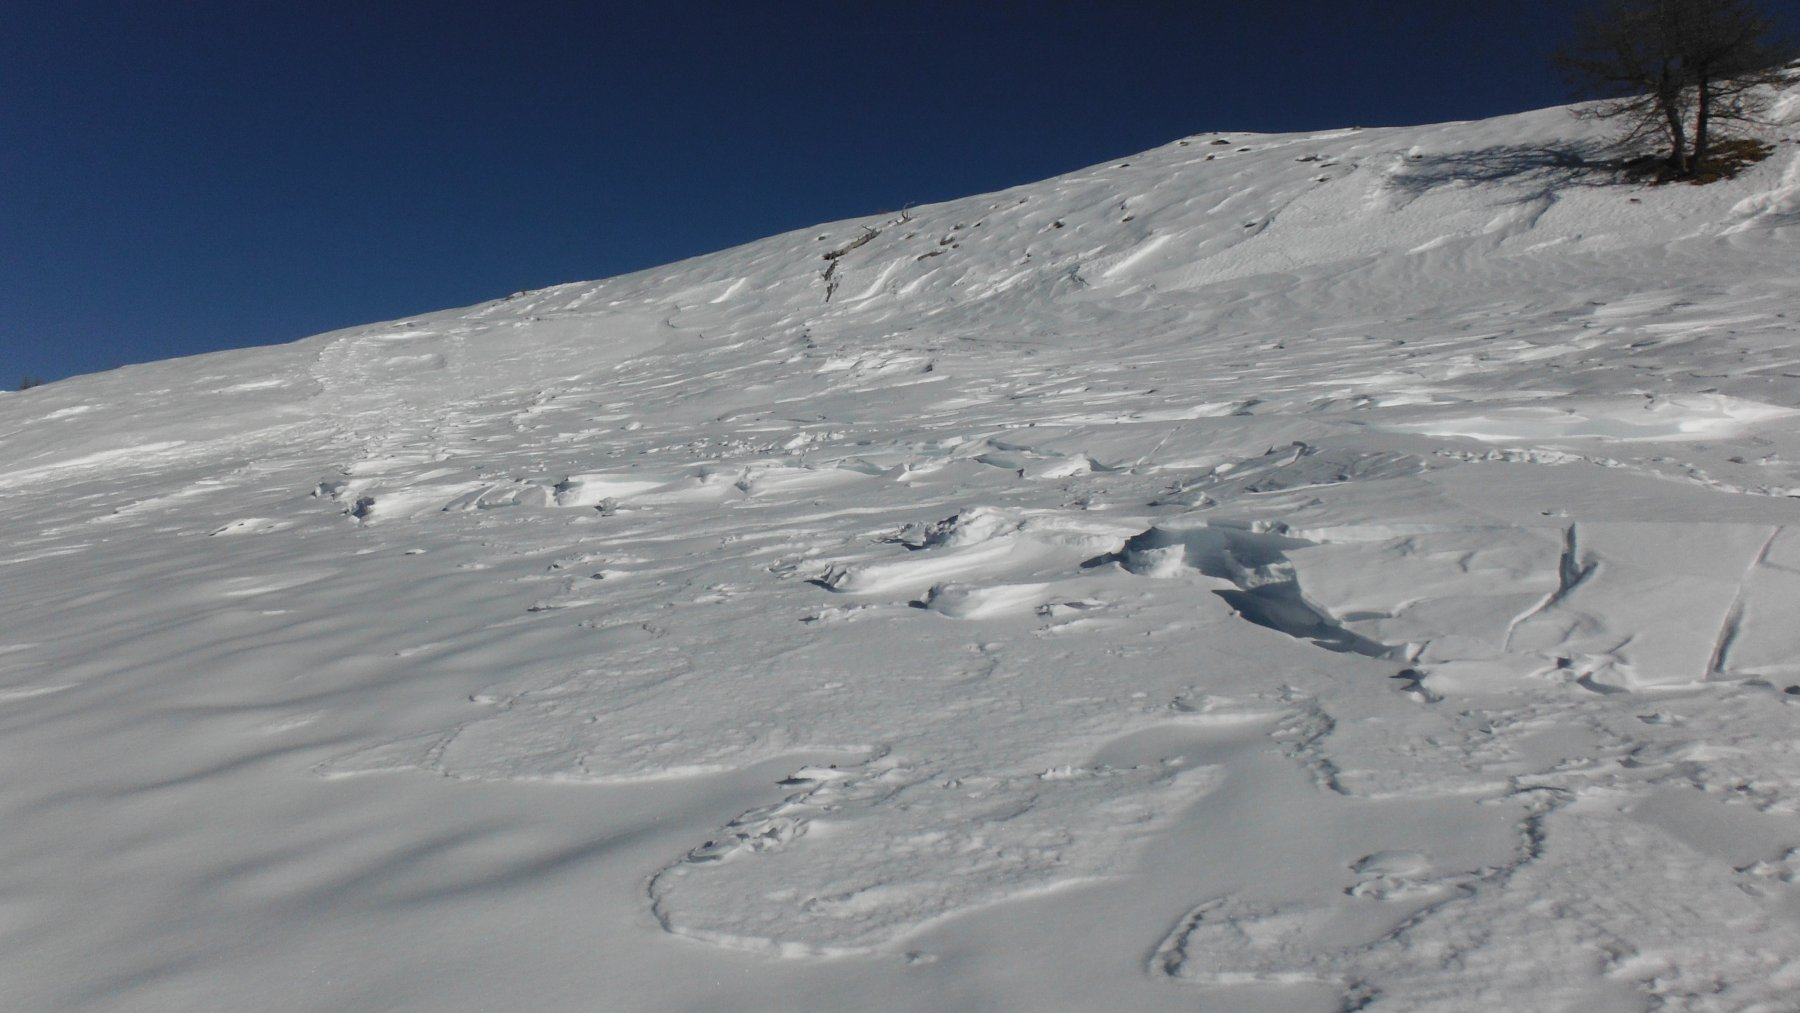 Le croste di neve spostate dal vento...